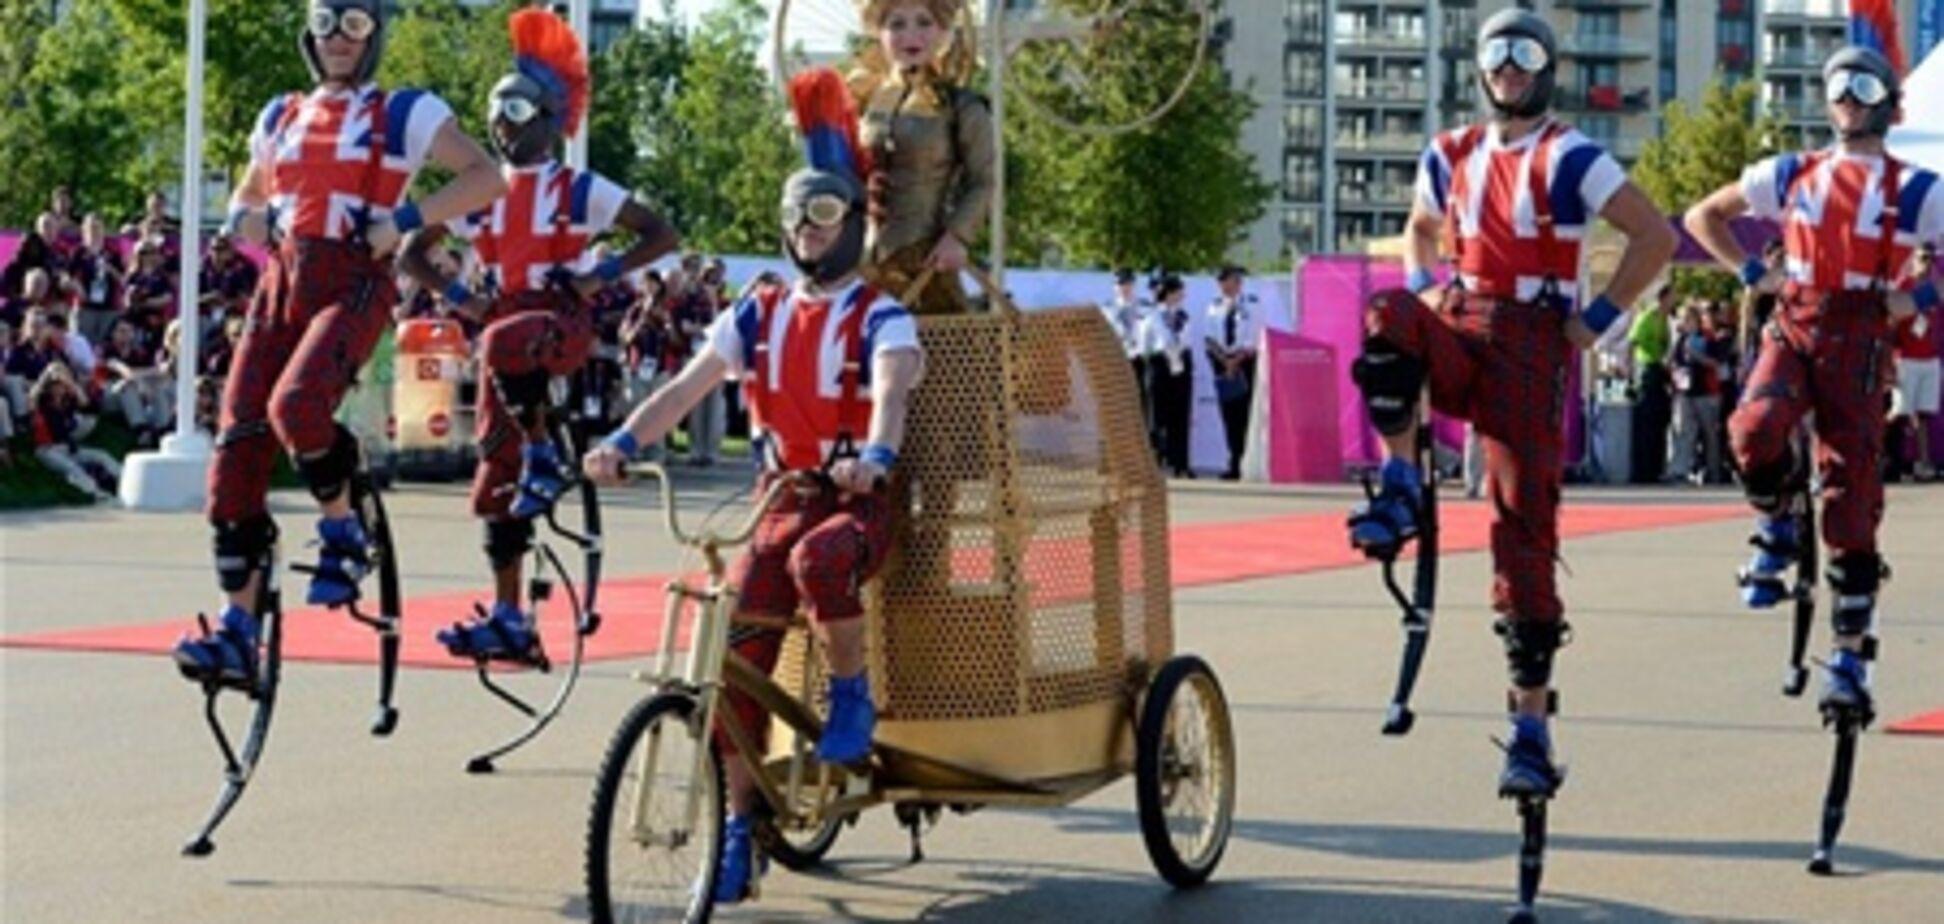 Олимпийскую деревню захватили клоуны и акробаты